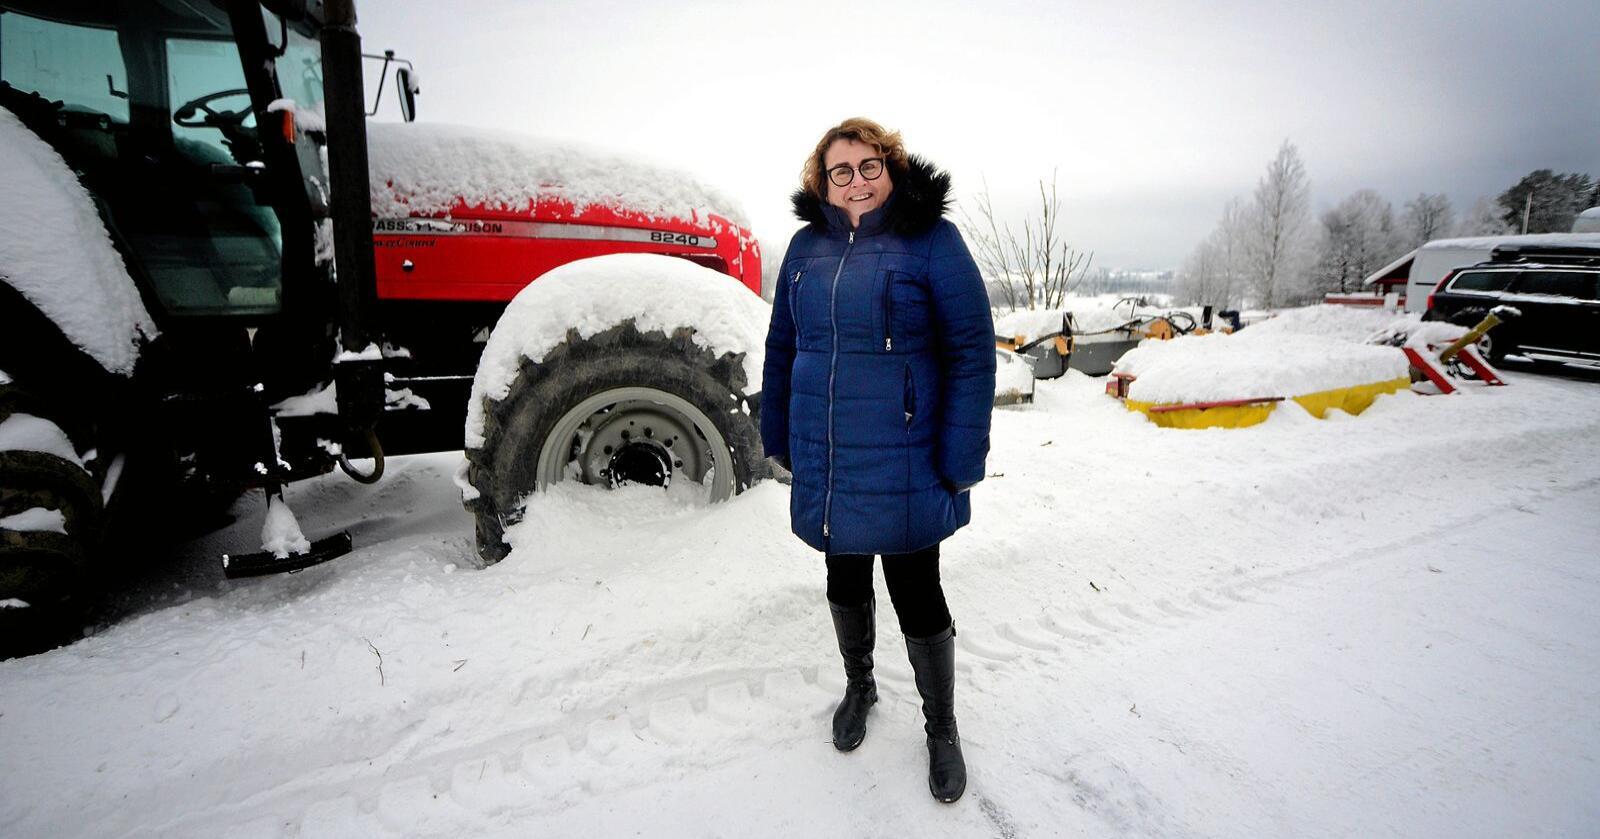 Landbruks- og matminister Olaug Bollestad (Krf) er kåret til landbrukets mektigste. Foto: Siri Juell Rasmussen